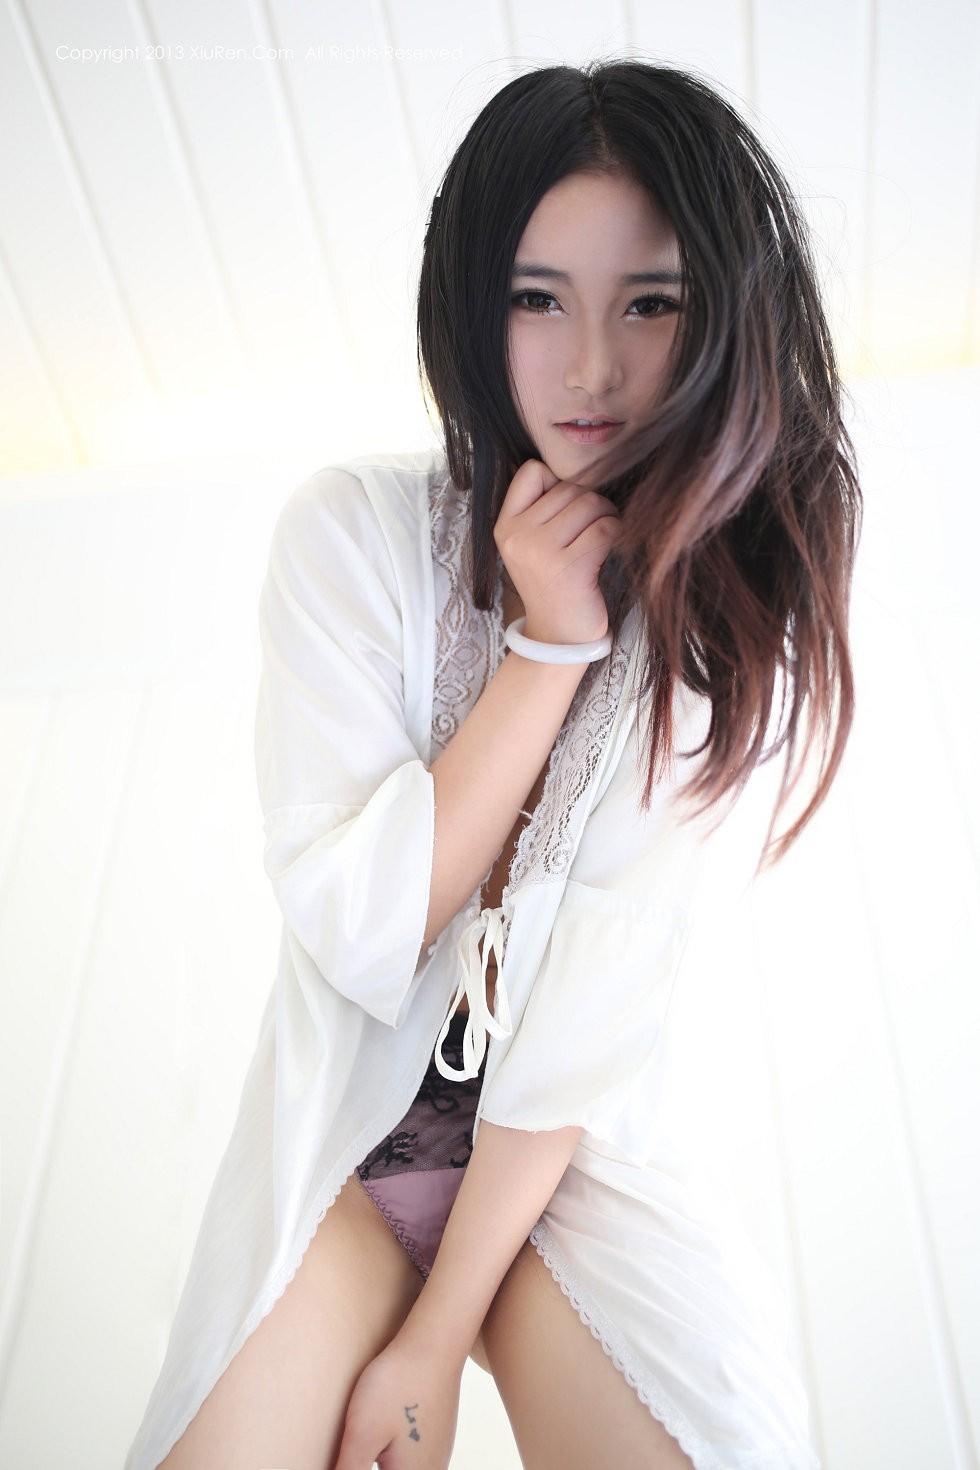 【秀人网第002期】嫩模moon嘉依的傲人双峰诱惑写真79P